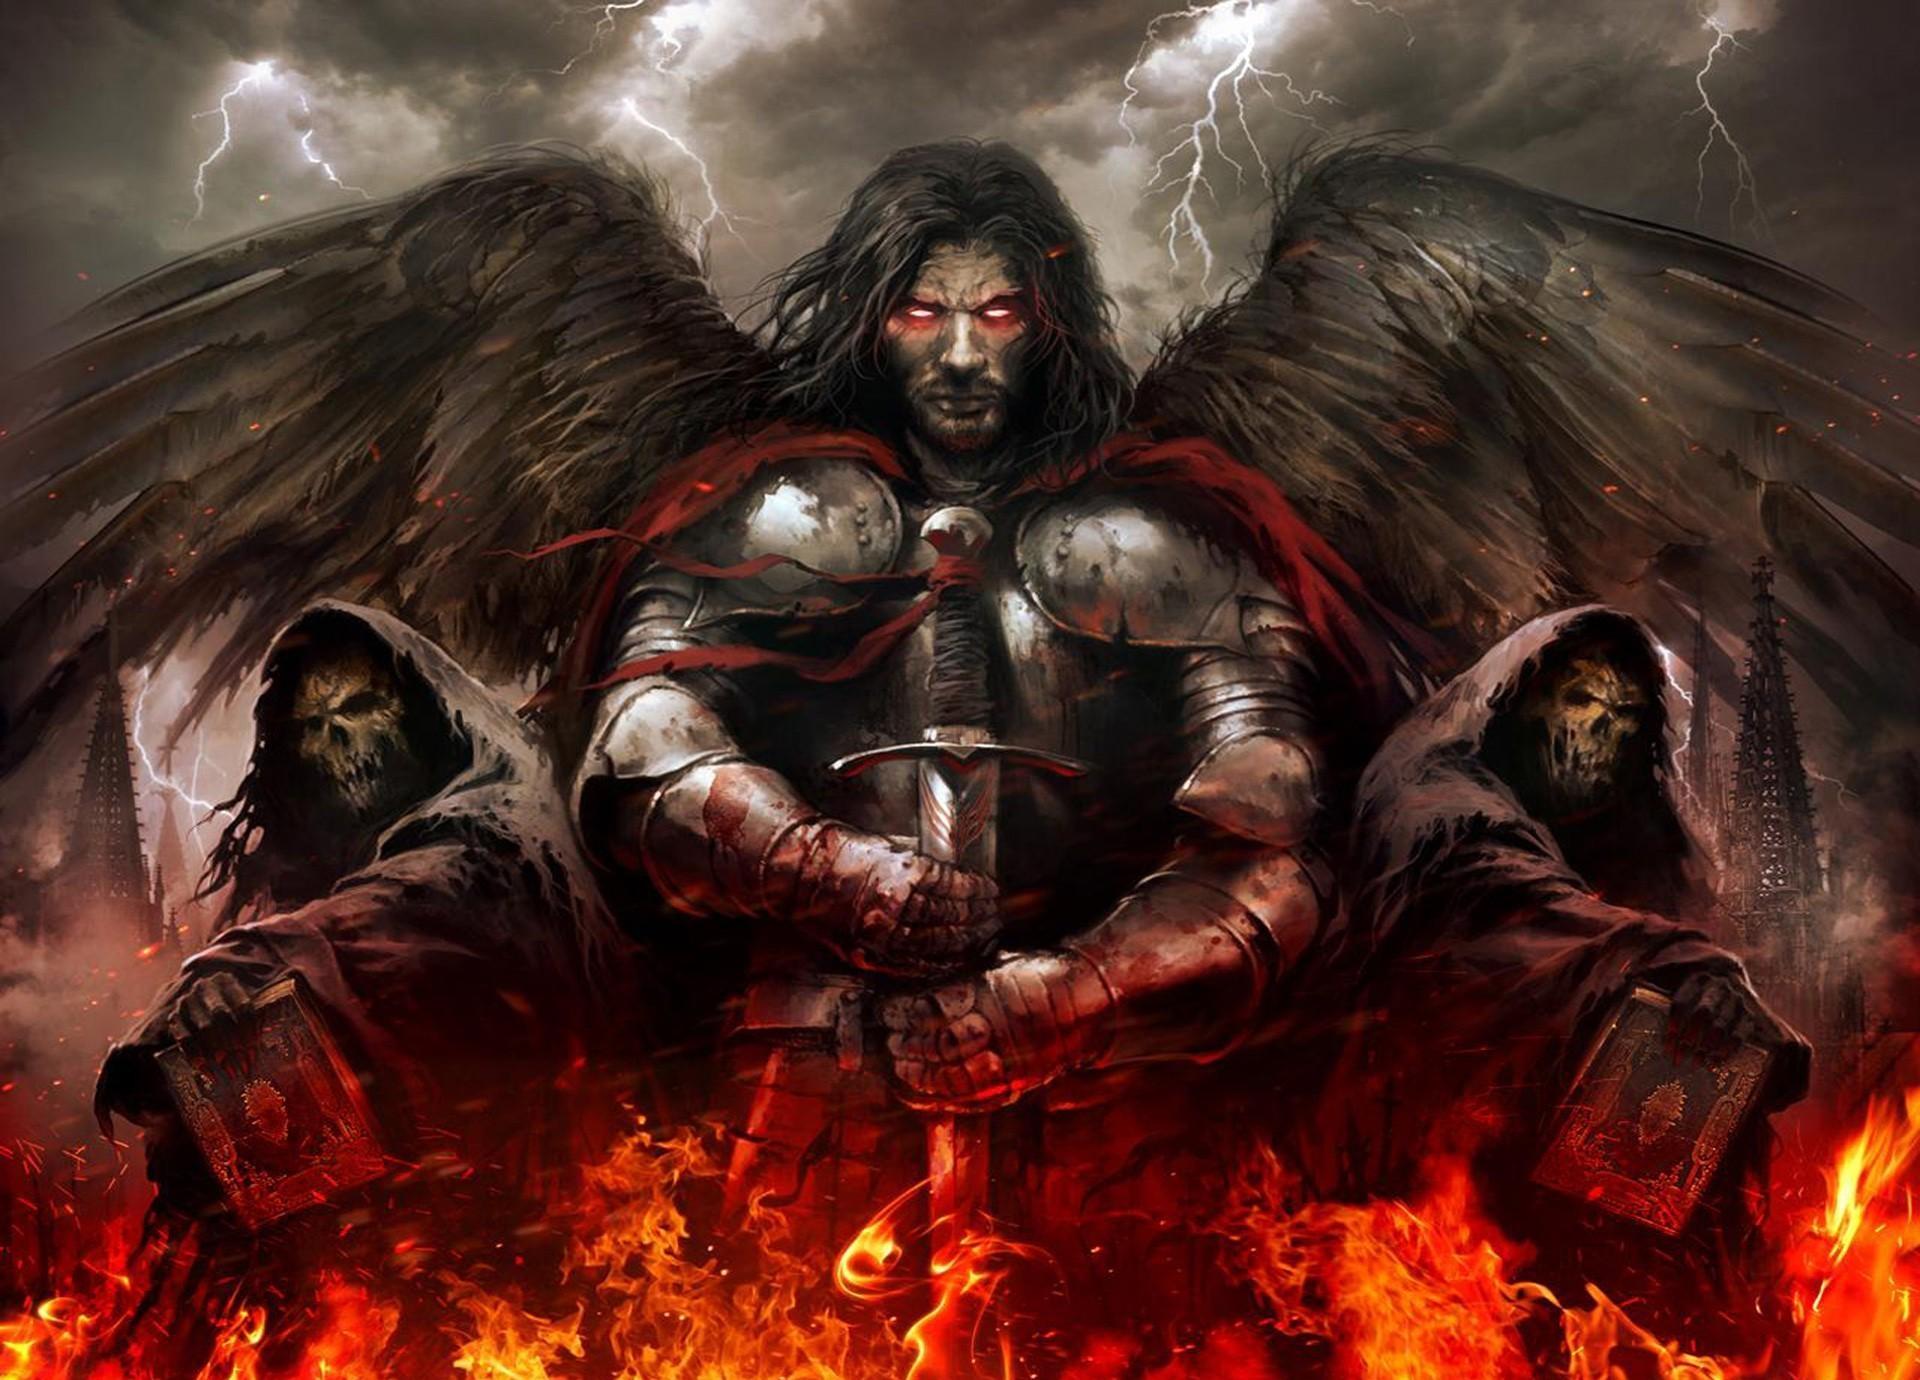 забудьте эти скача картинки про демонов все первое необходимое